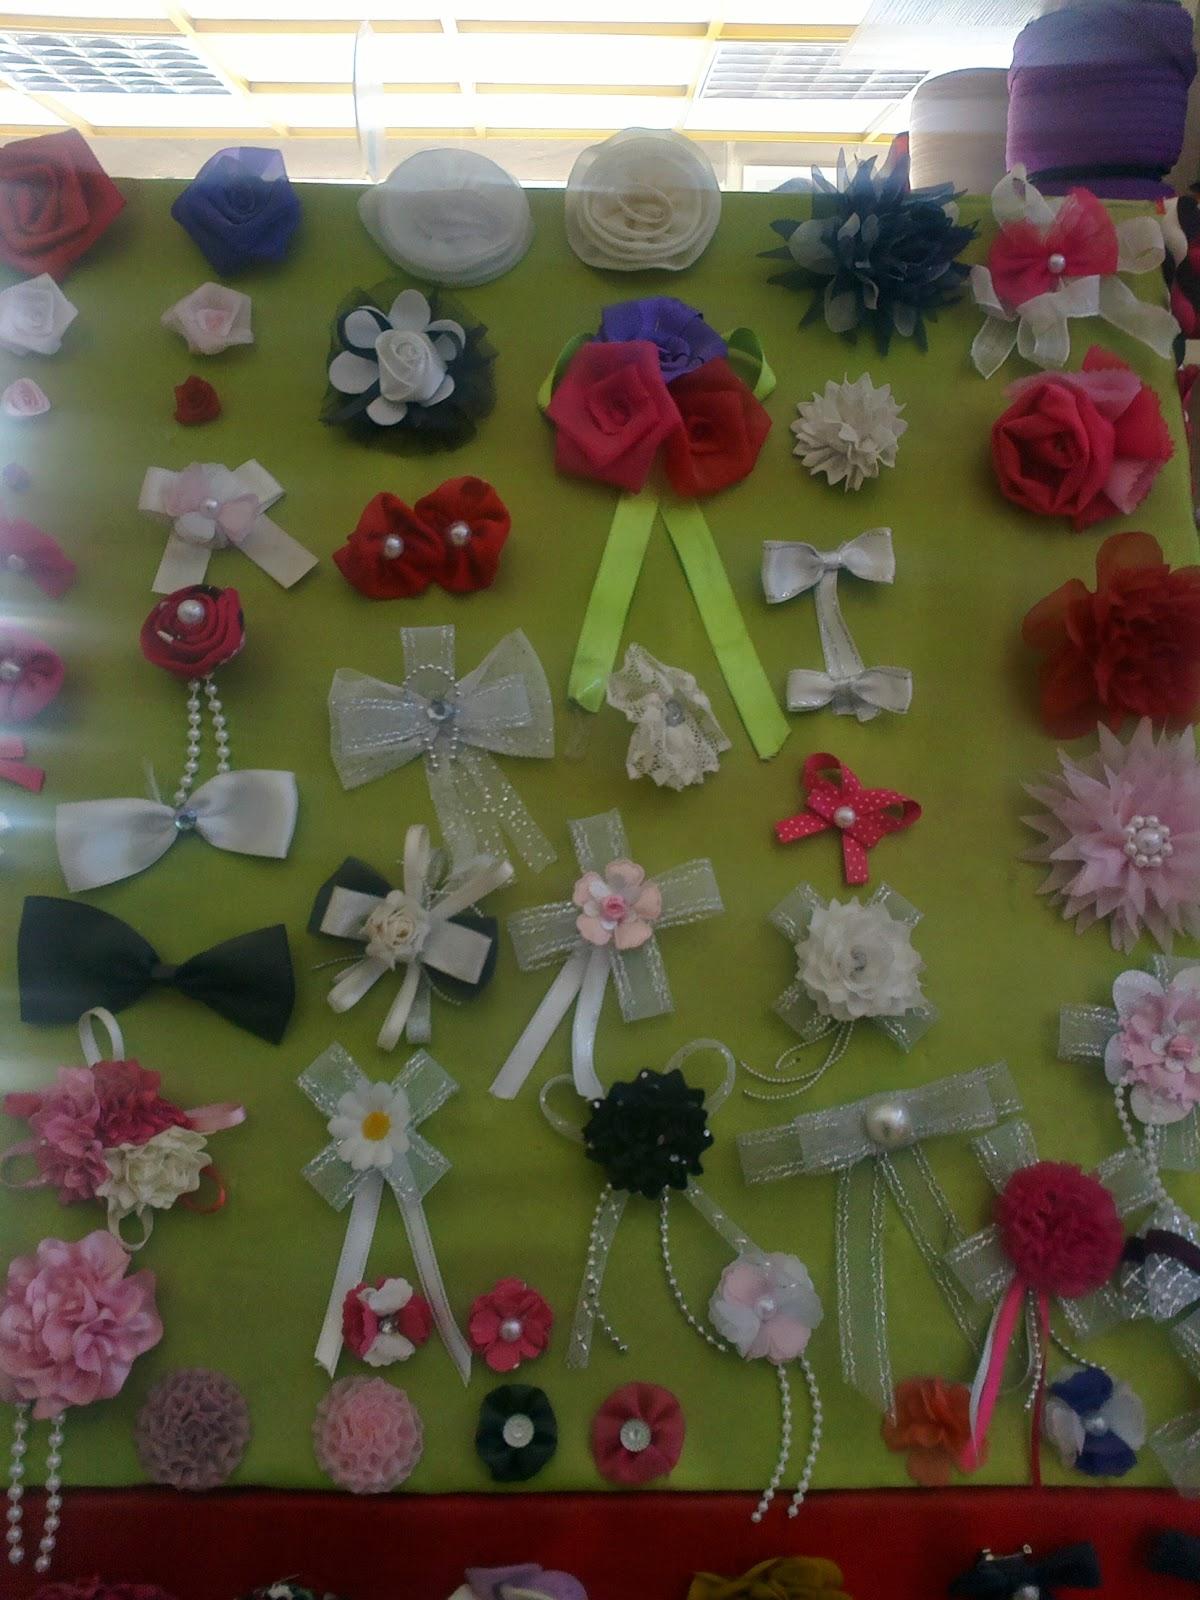 en güzel ve en ilginç süsleme çiçeği örnekleri - kumaştan süs çiçekleri